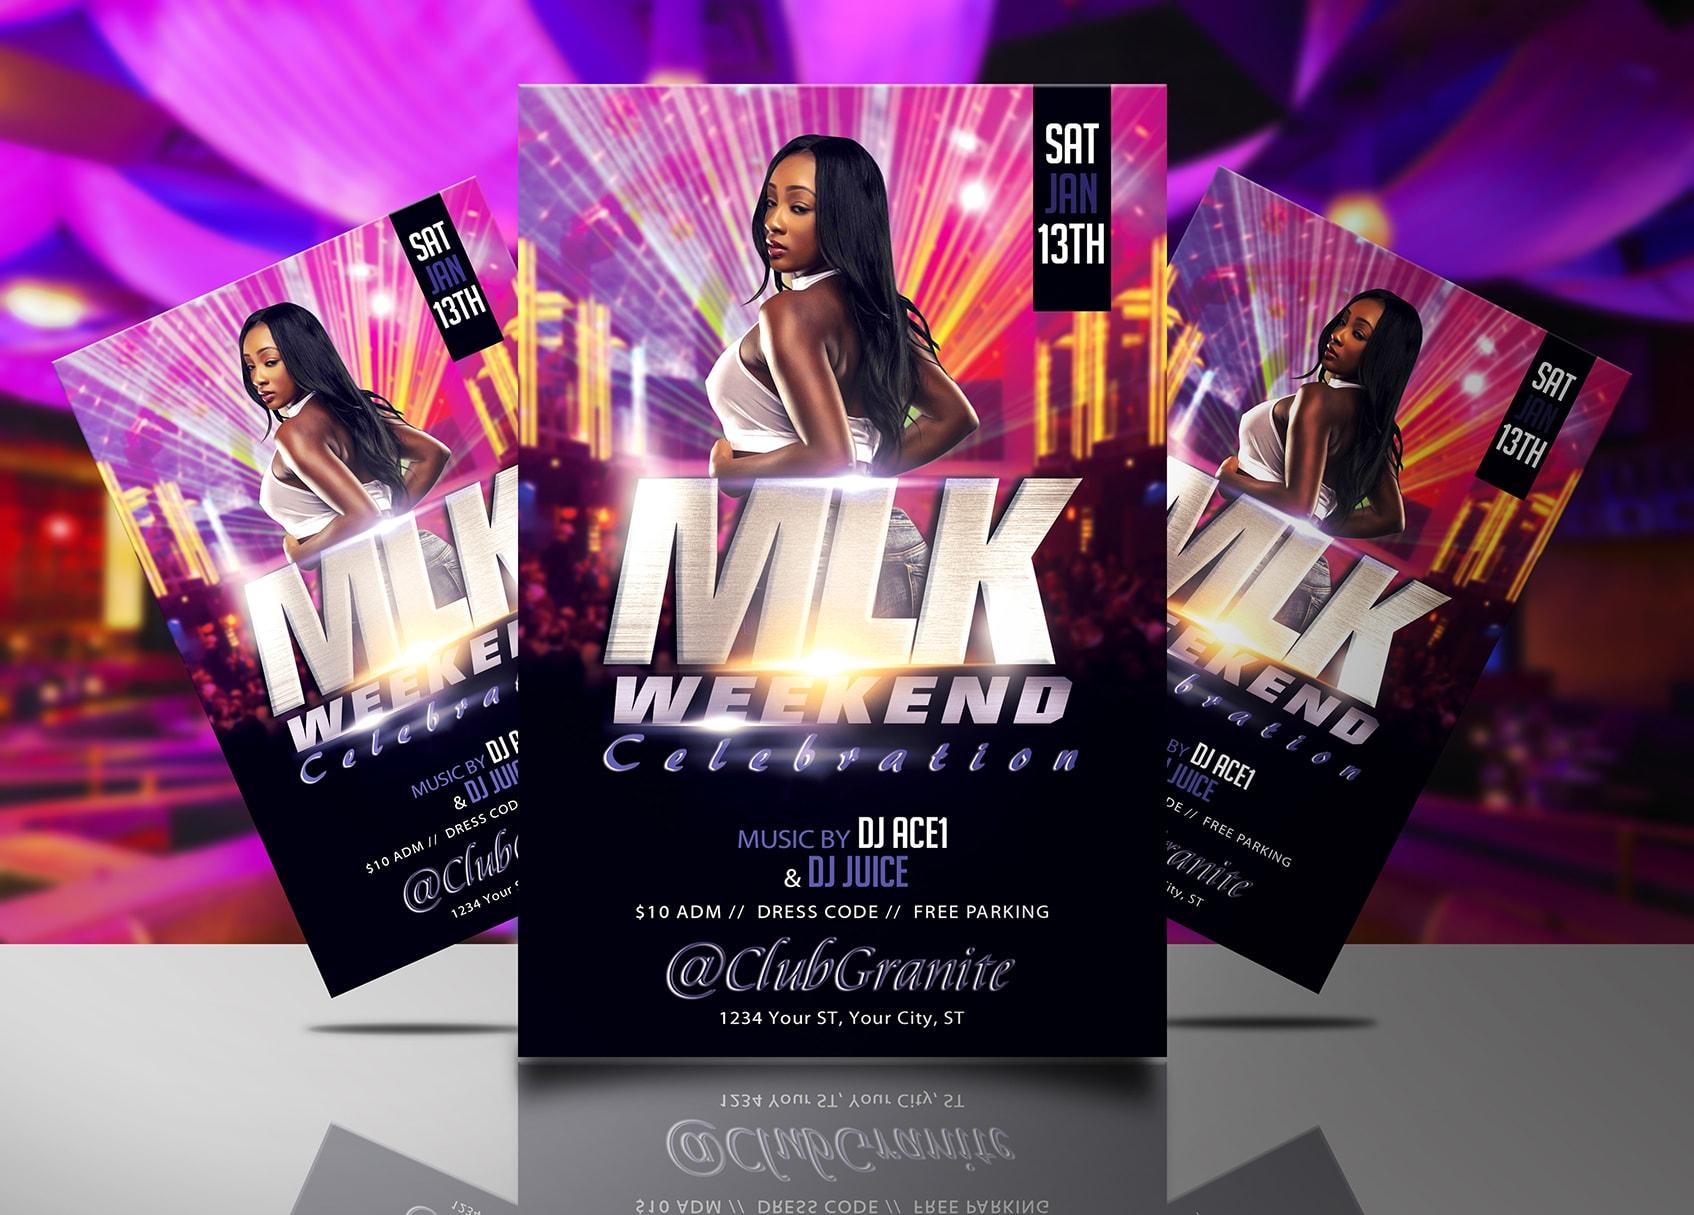 MLK Weekend Celebration Flyer Template Streetz Myestro Beats